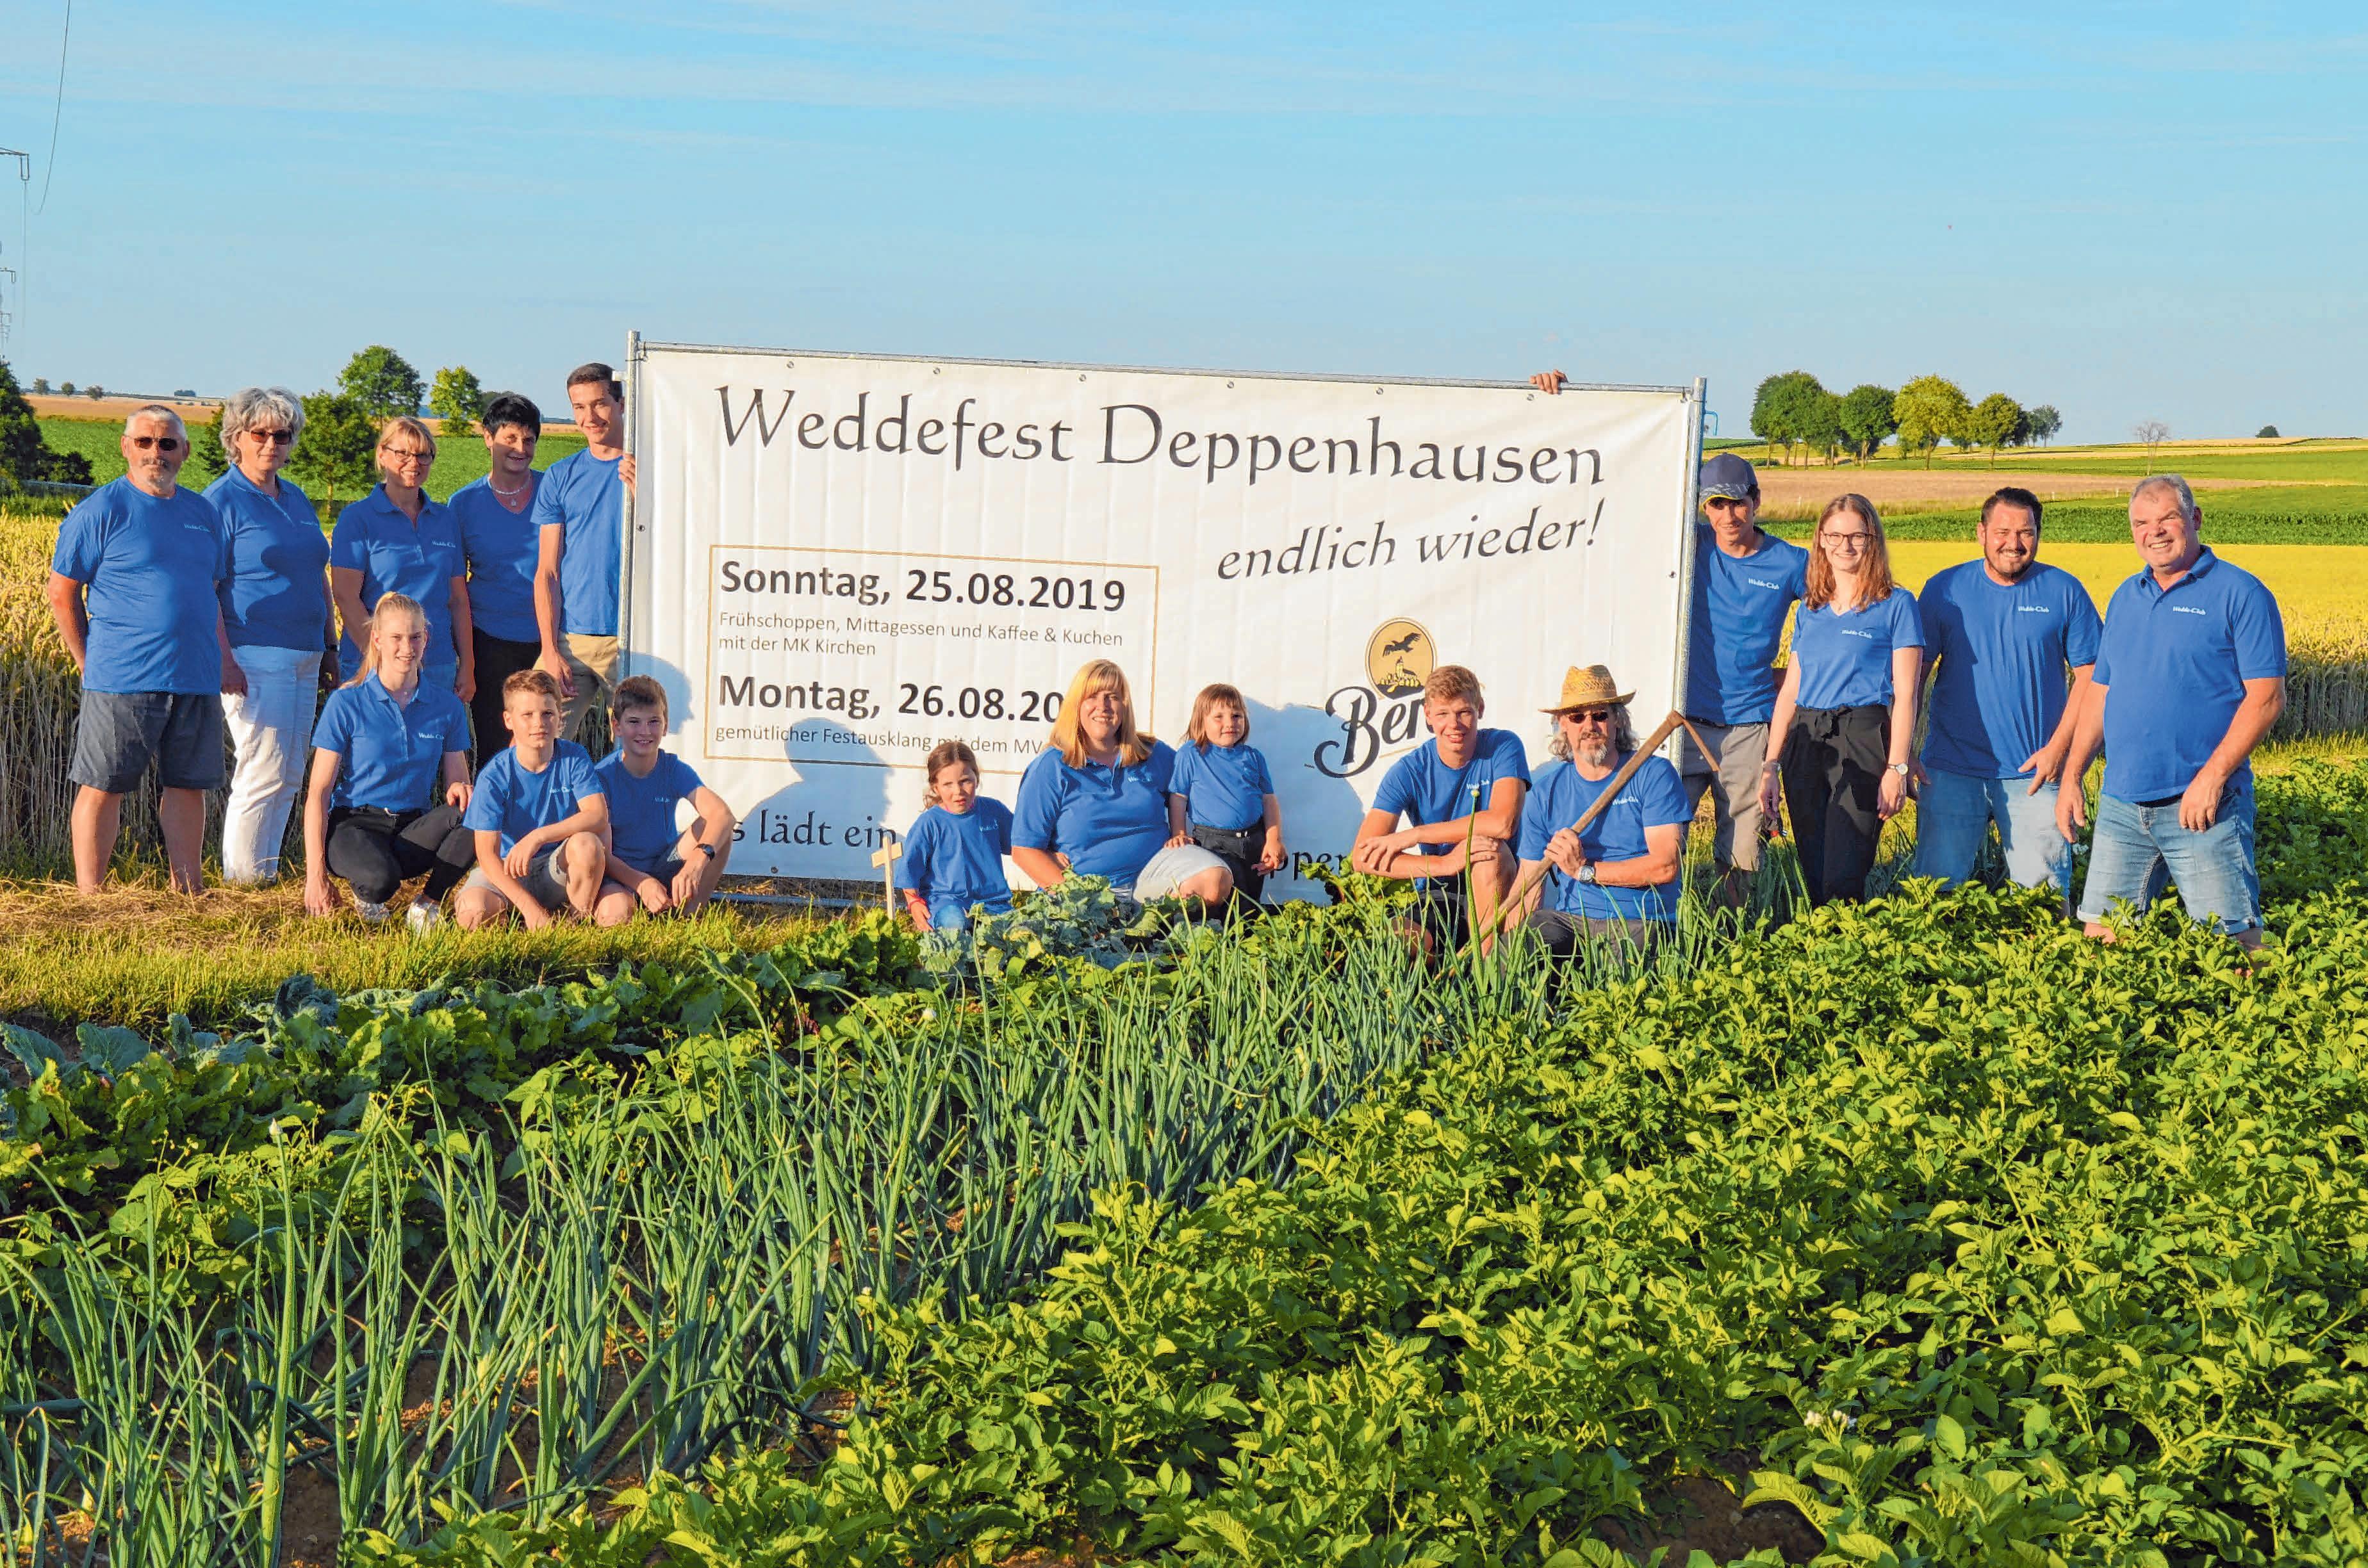 Die Mitglieder des Wedde-Clubs freuen sich auf das Weddefest